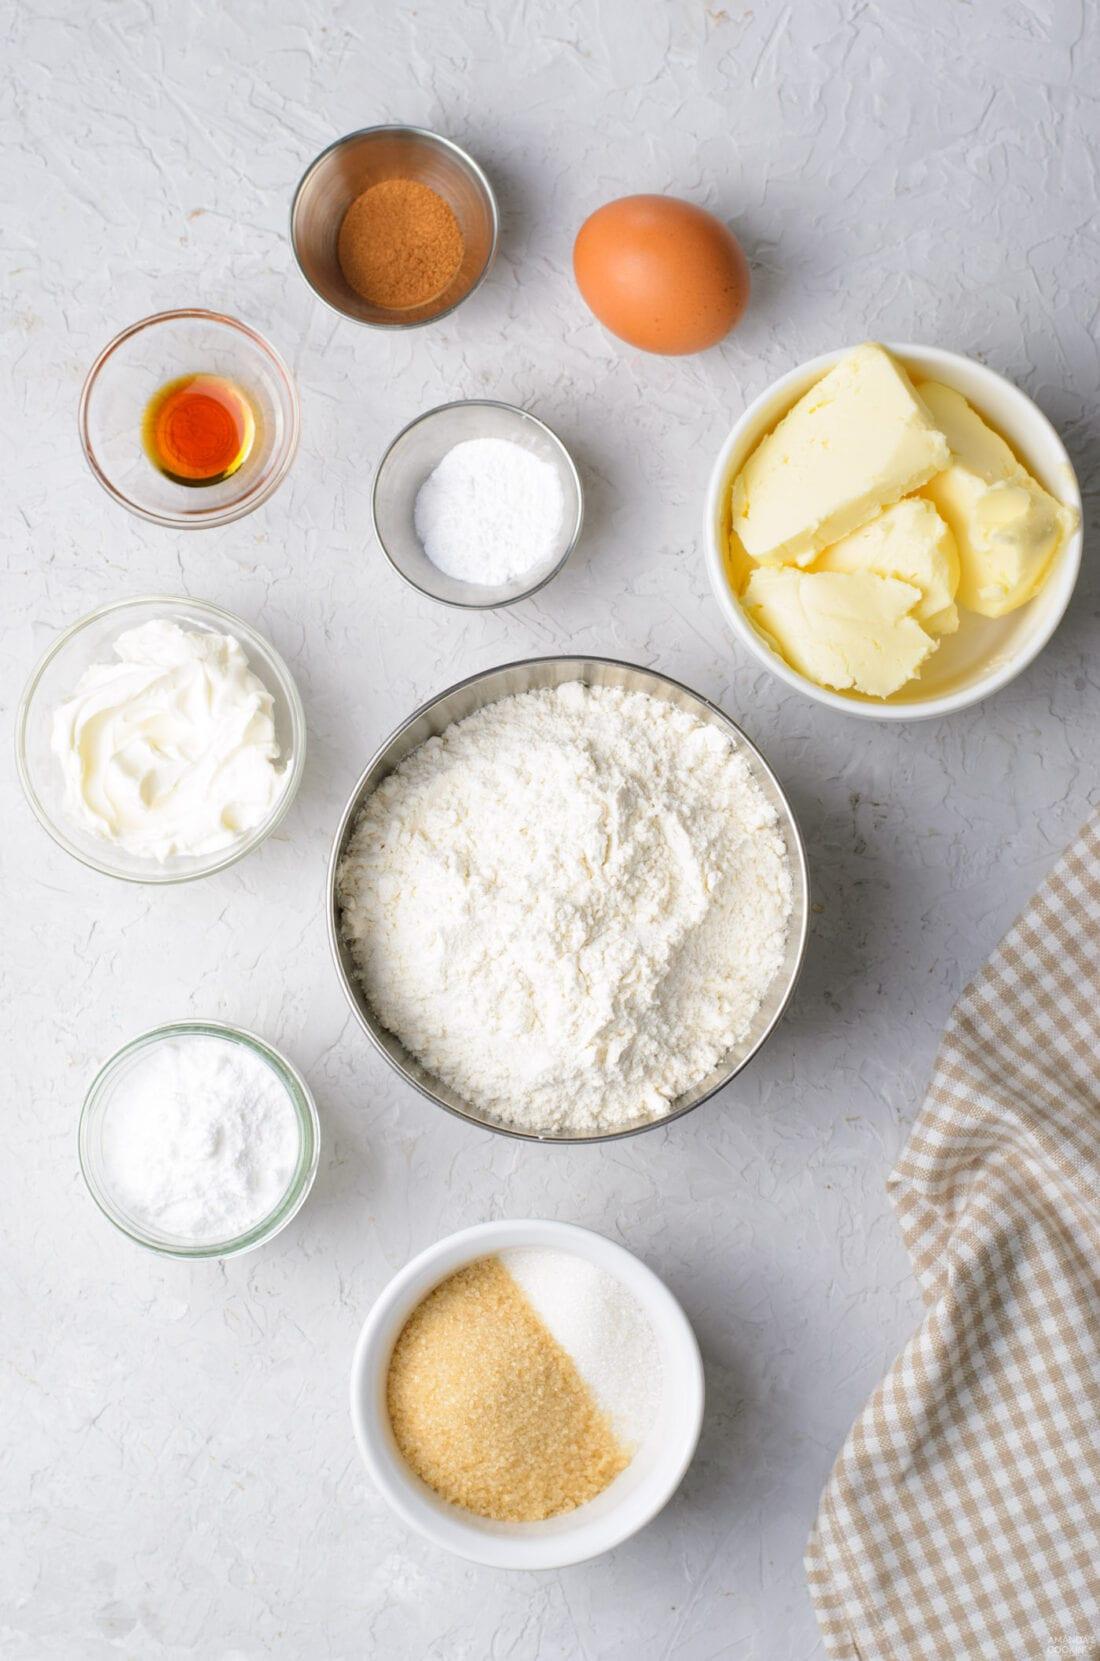 ingredients for cinnamon roll cookies